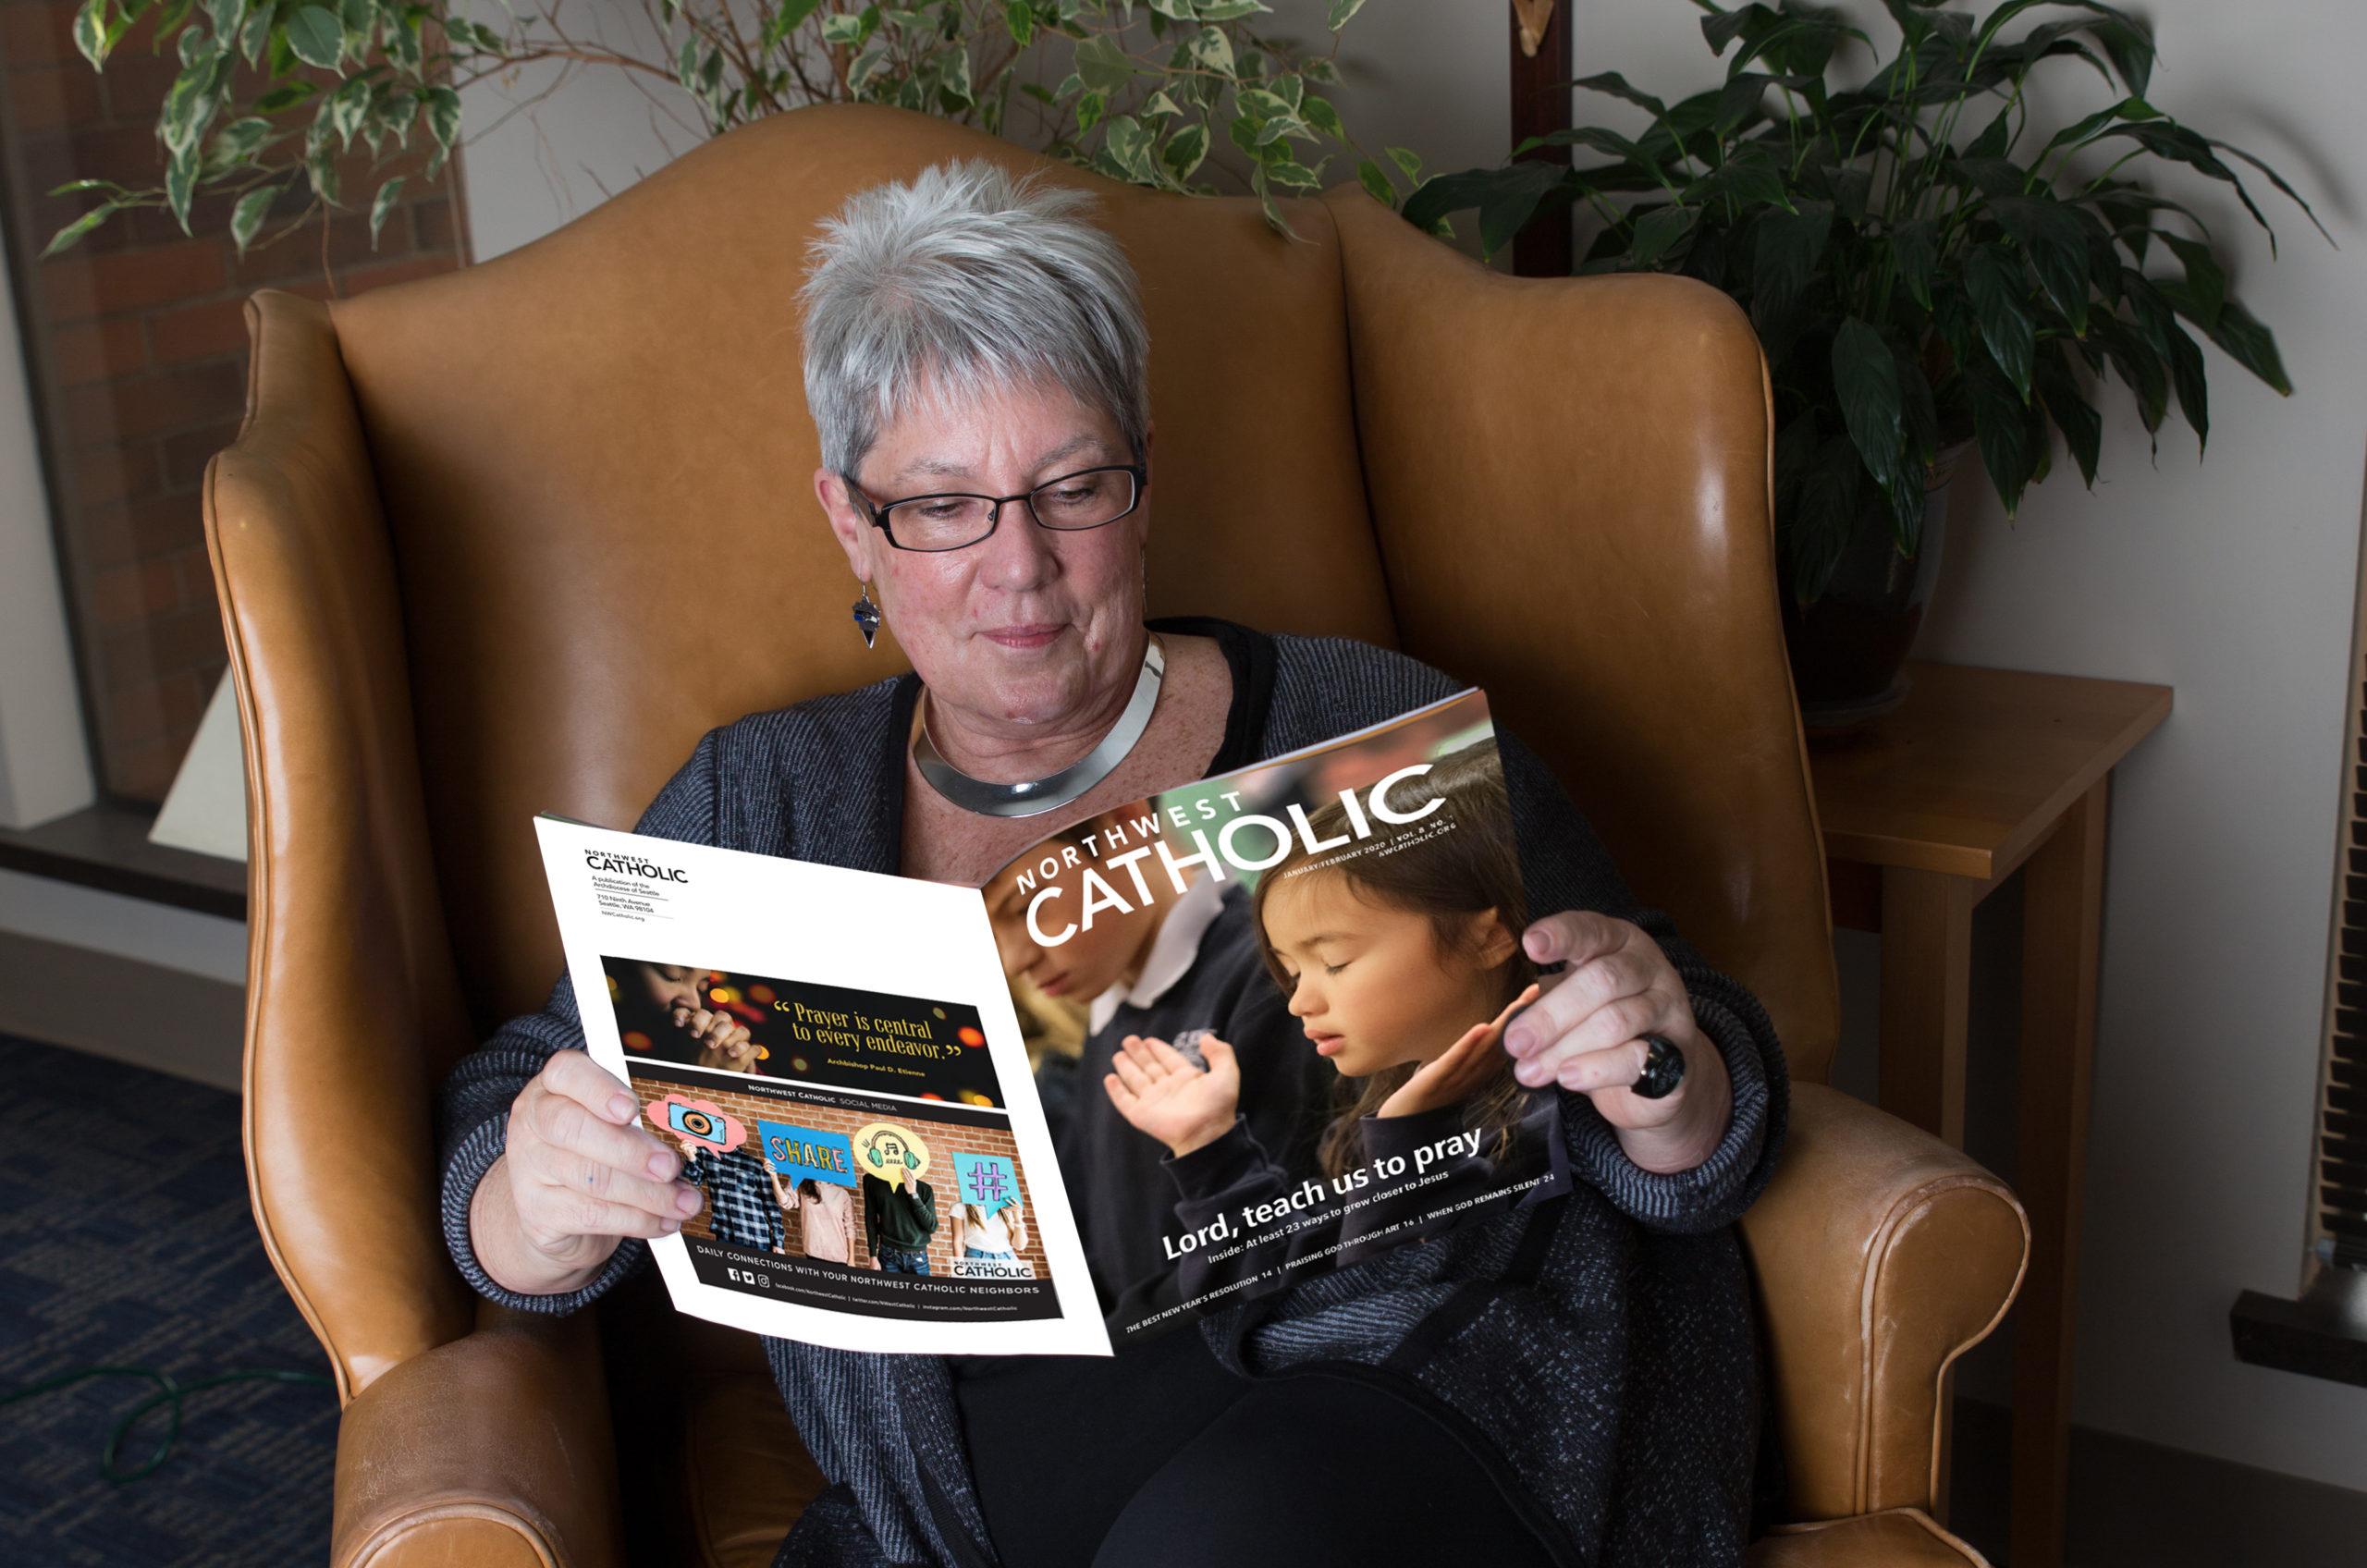 Leahy Kathleen (Kit), Chancery staff, reading Northwest Catholic Magazine NWC at the Chancery. Photo by Janis Olson Photography.